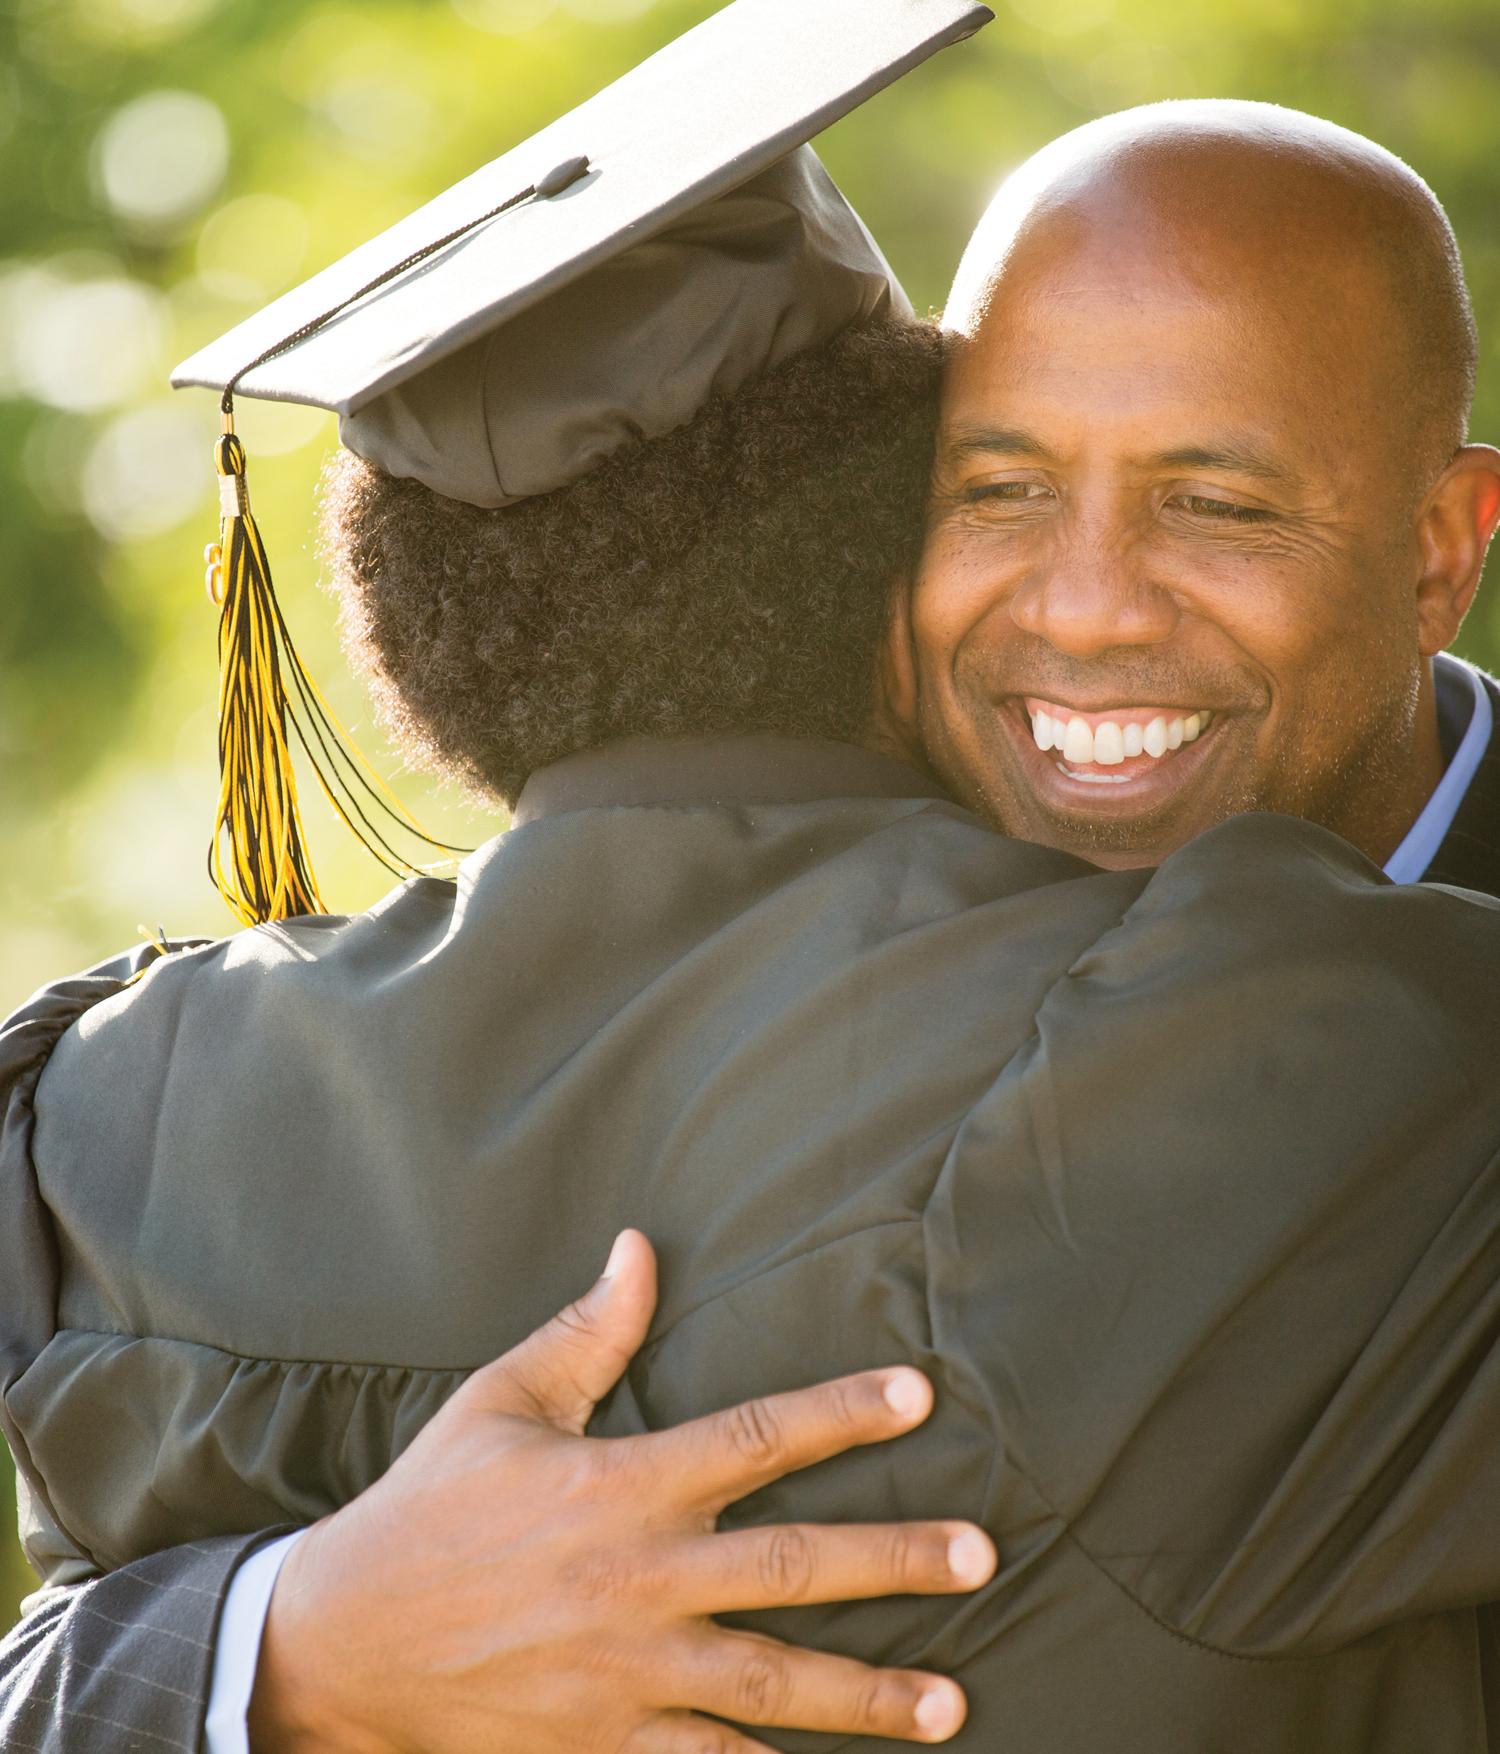 Dad hugging son in graduation cap